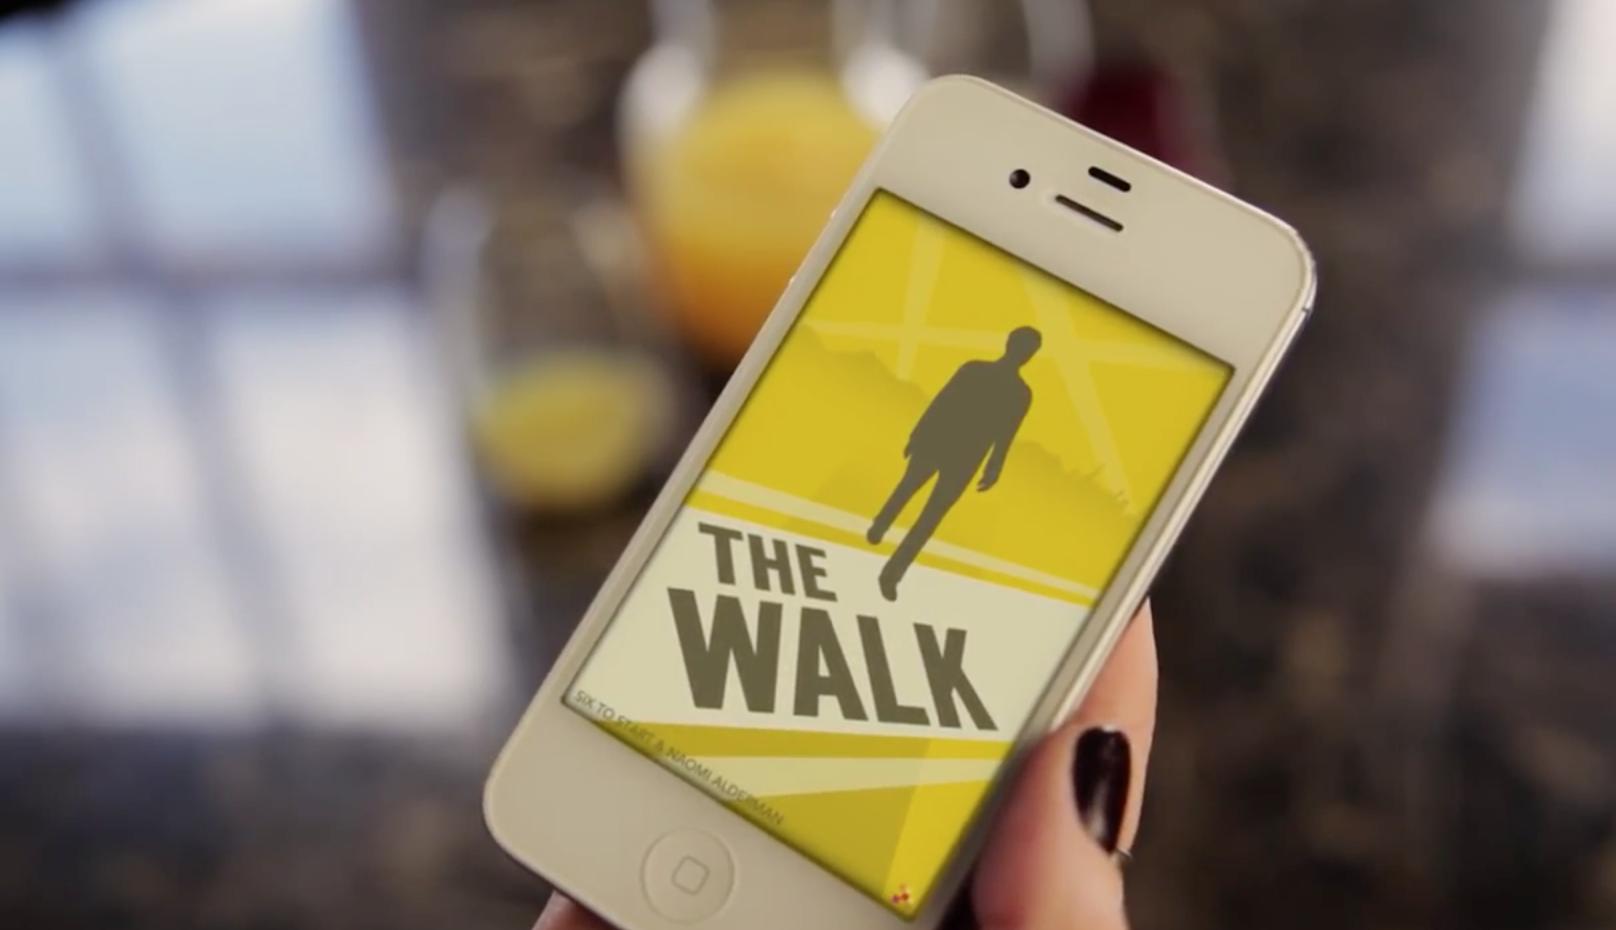 Приложение The Walk поможет вам мотивироваться на ежедневное ходжение